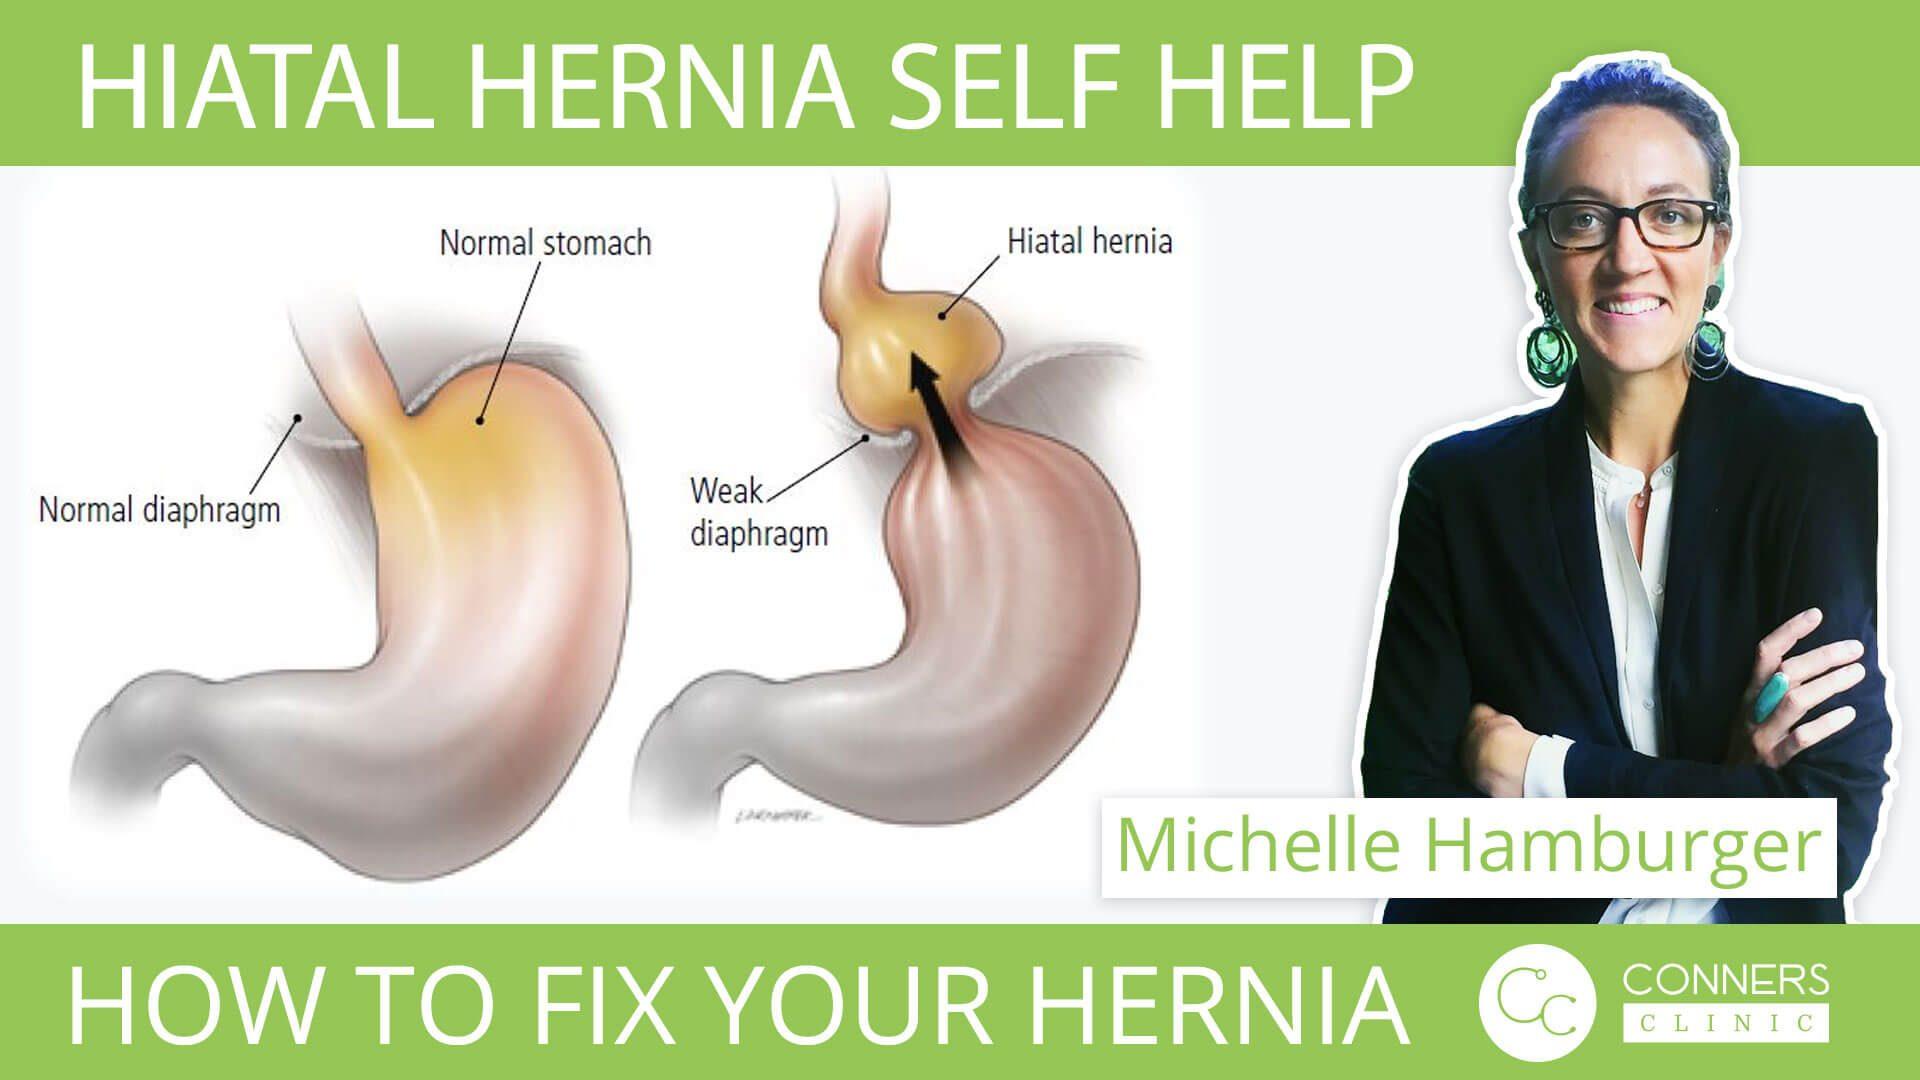 Hiatal Hernia Self-Help